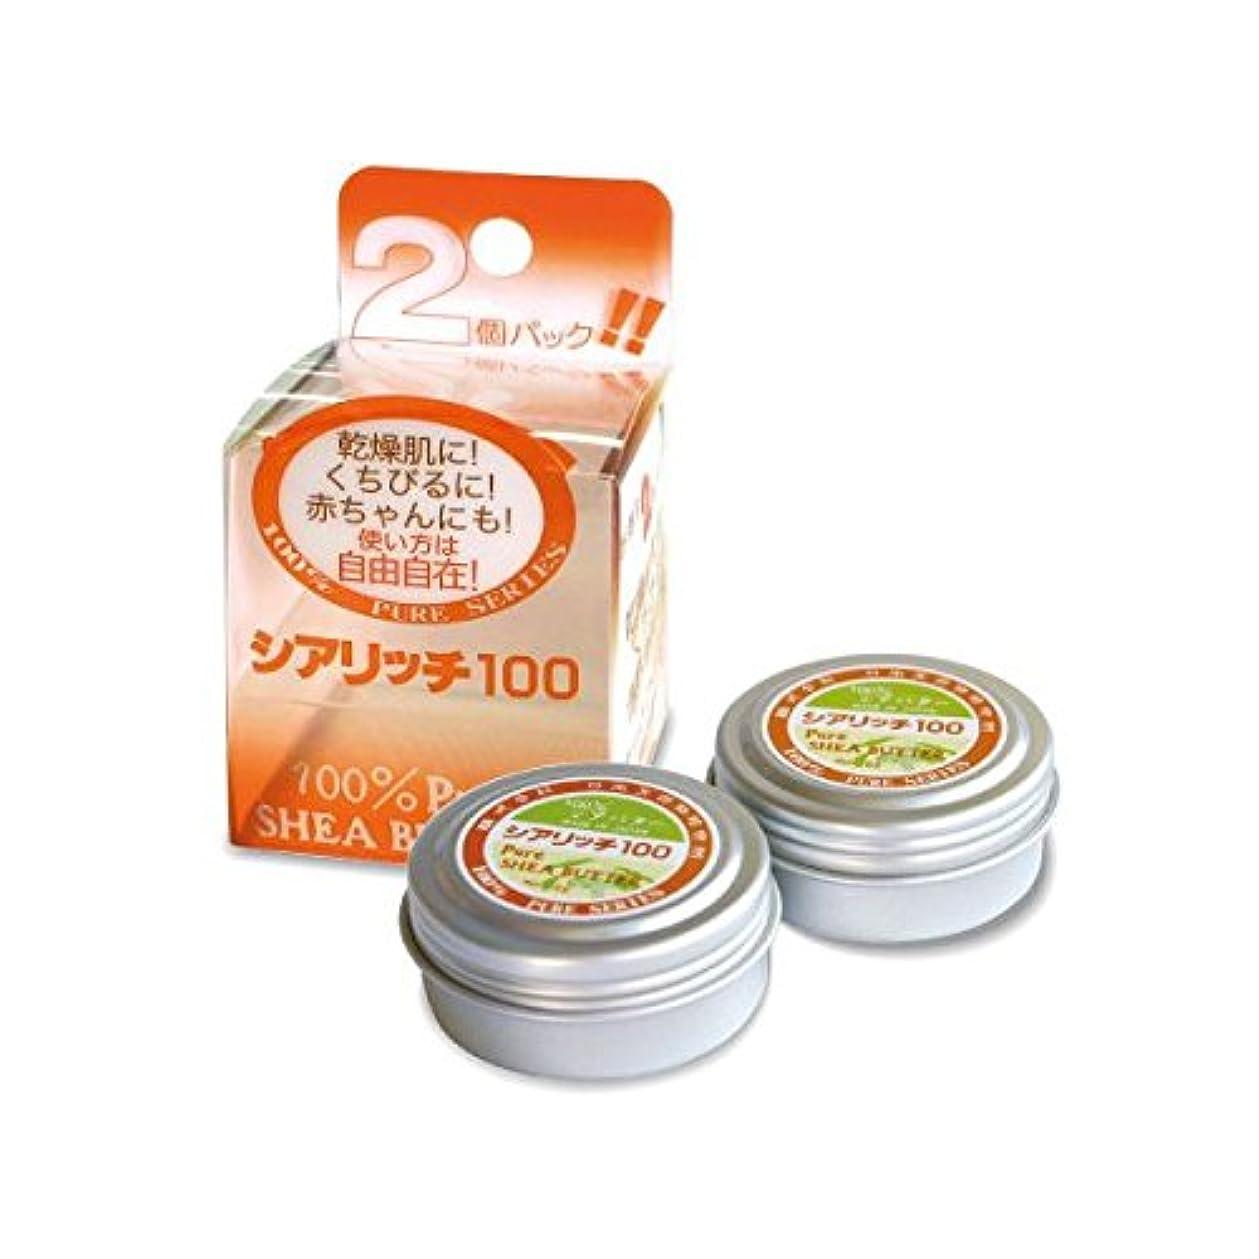 和オーバードローオレンジ日本天然物研究所 シアリッチ100 (8g×2個入り)【単品】(無添加100%シアバター)無香料